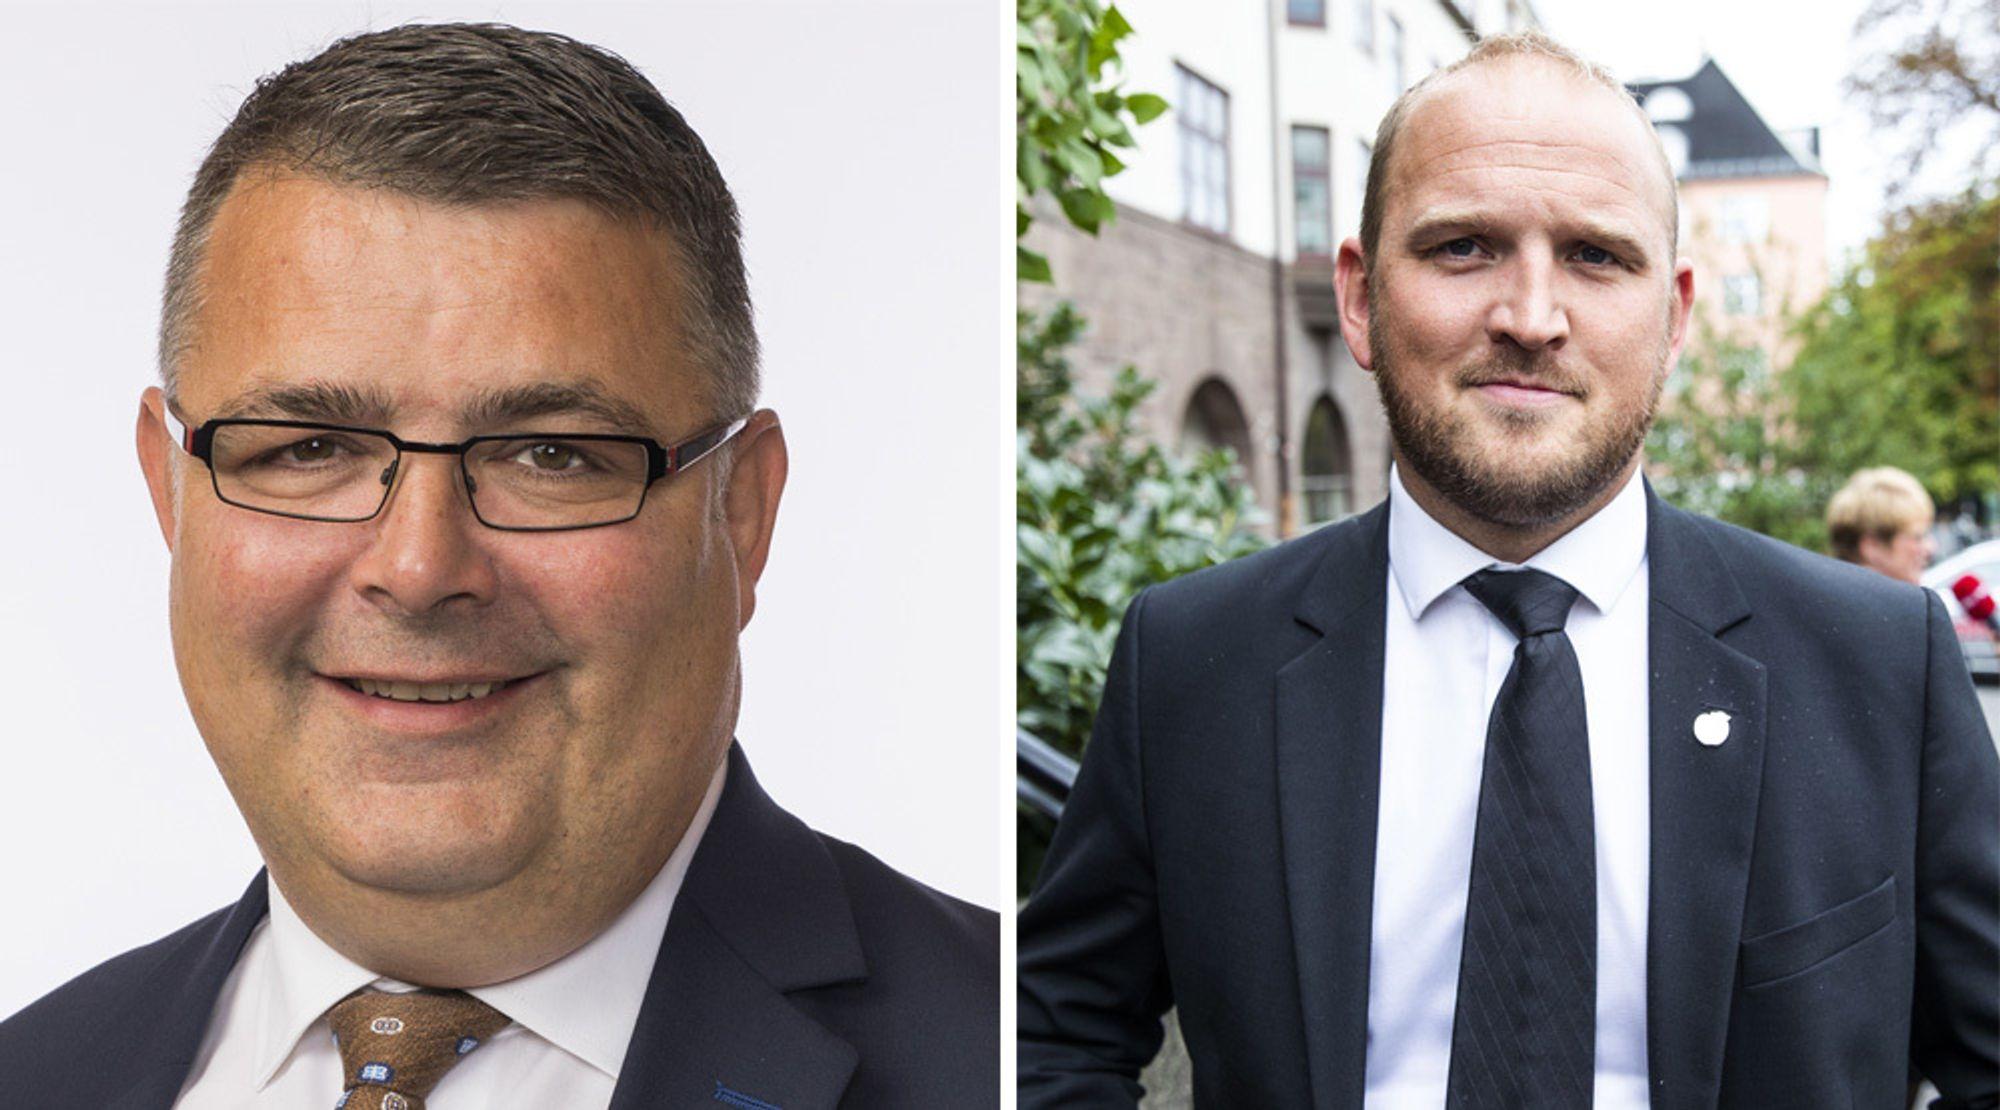 Kjell Børge-Freiberg og Jon-Georg Dale, begge fra Frp, overtar for Søviknes og Solvik-Olsen.